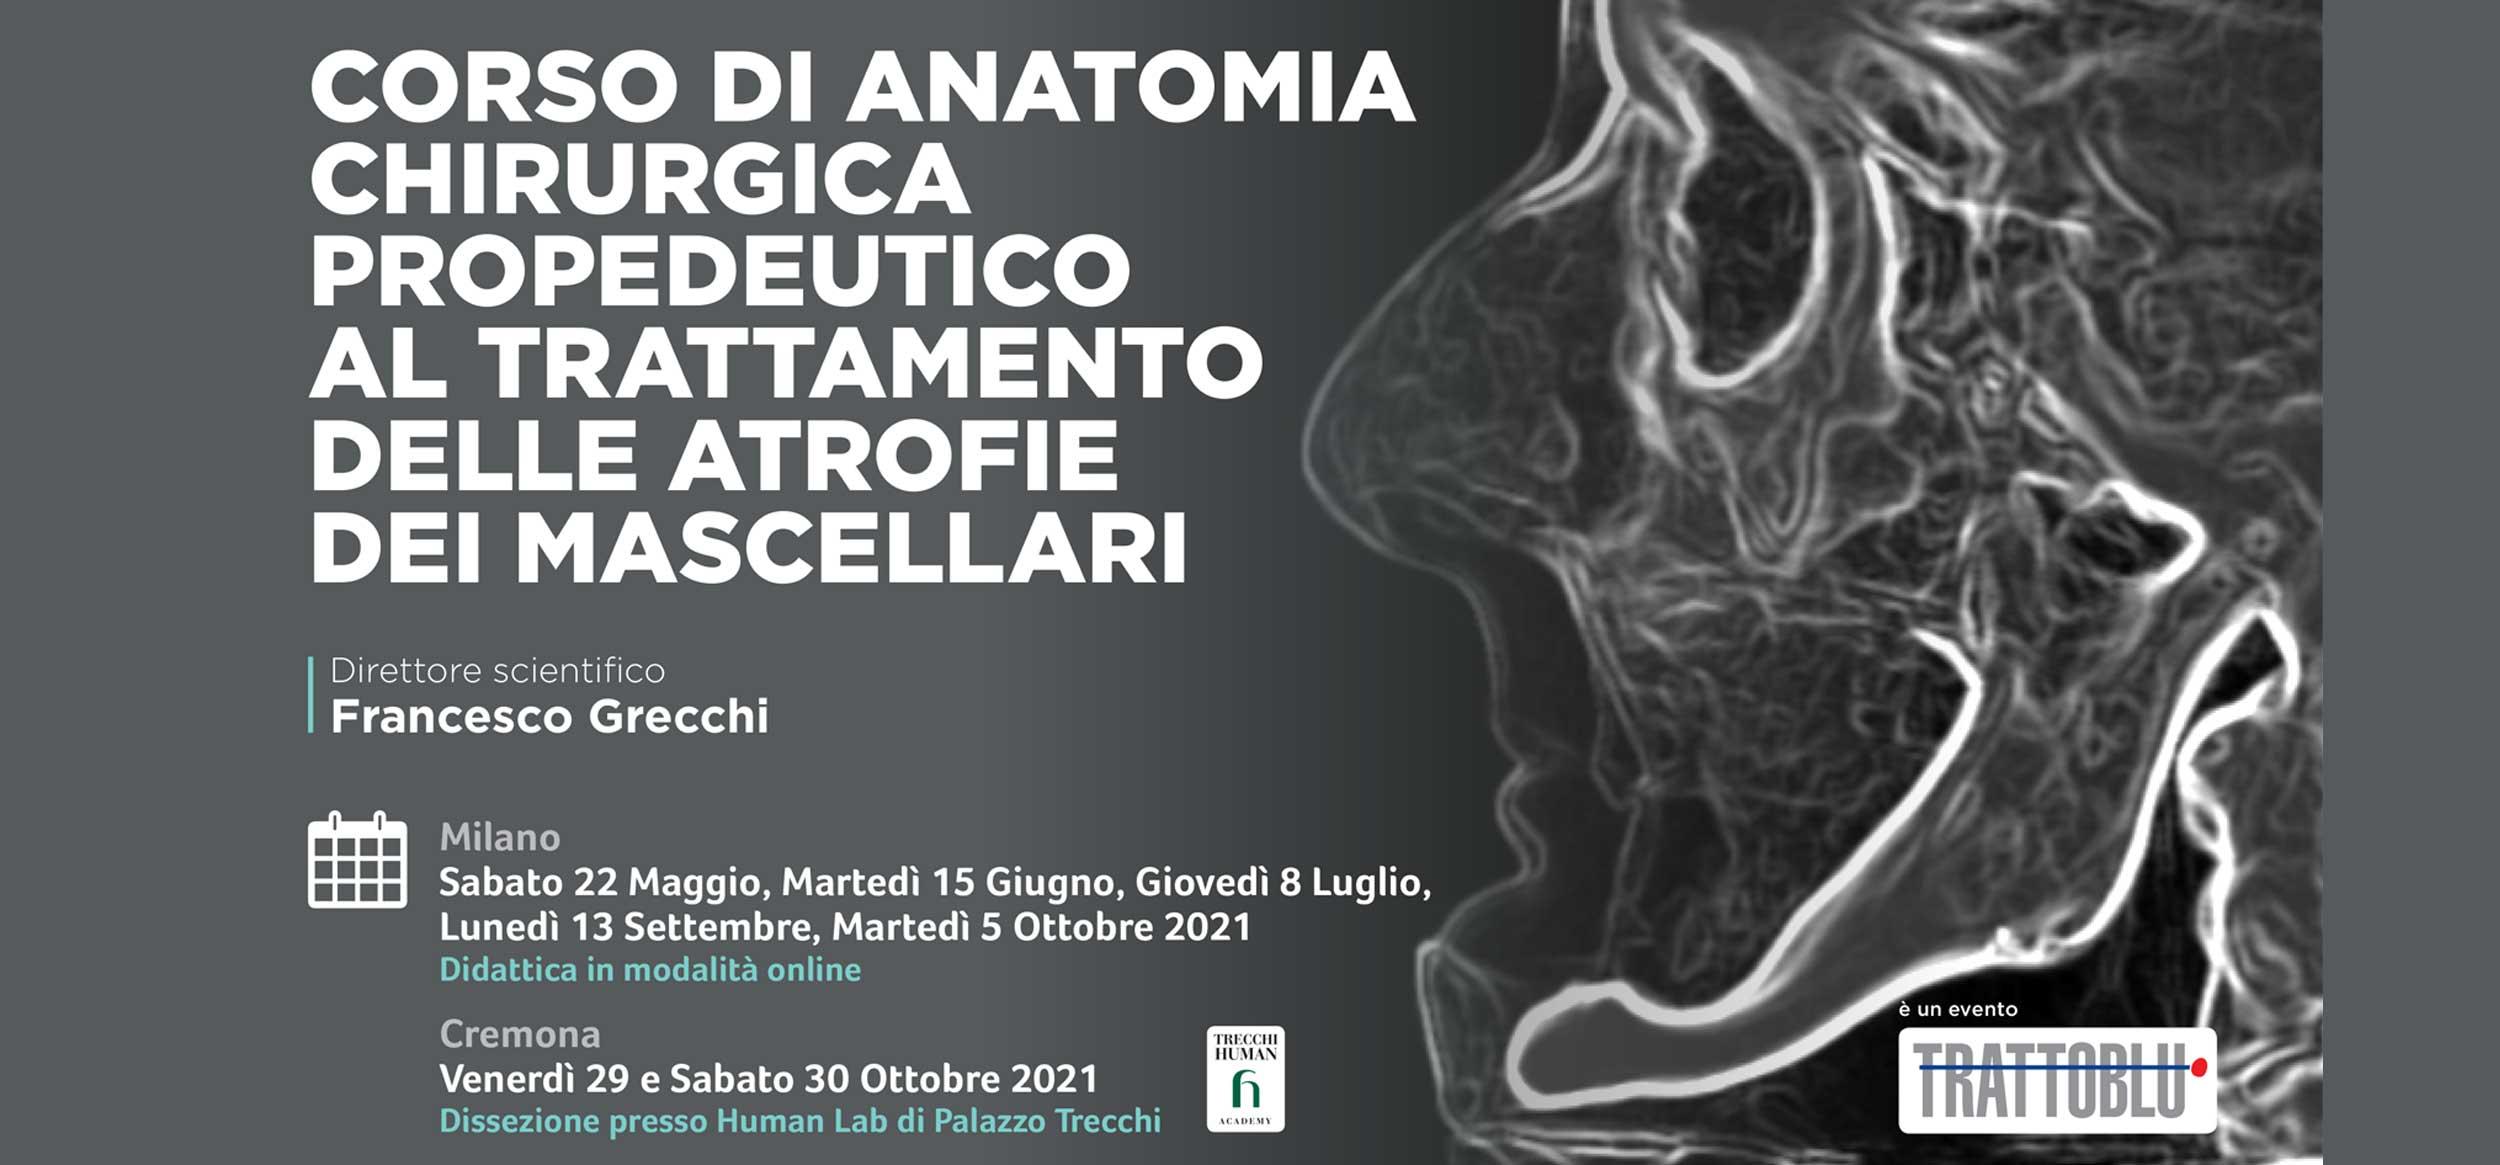 corso-di-anatomia-chirurgica-trattoblu_corso